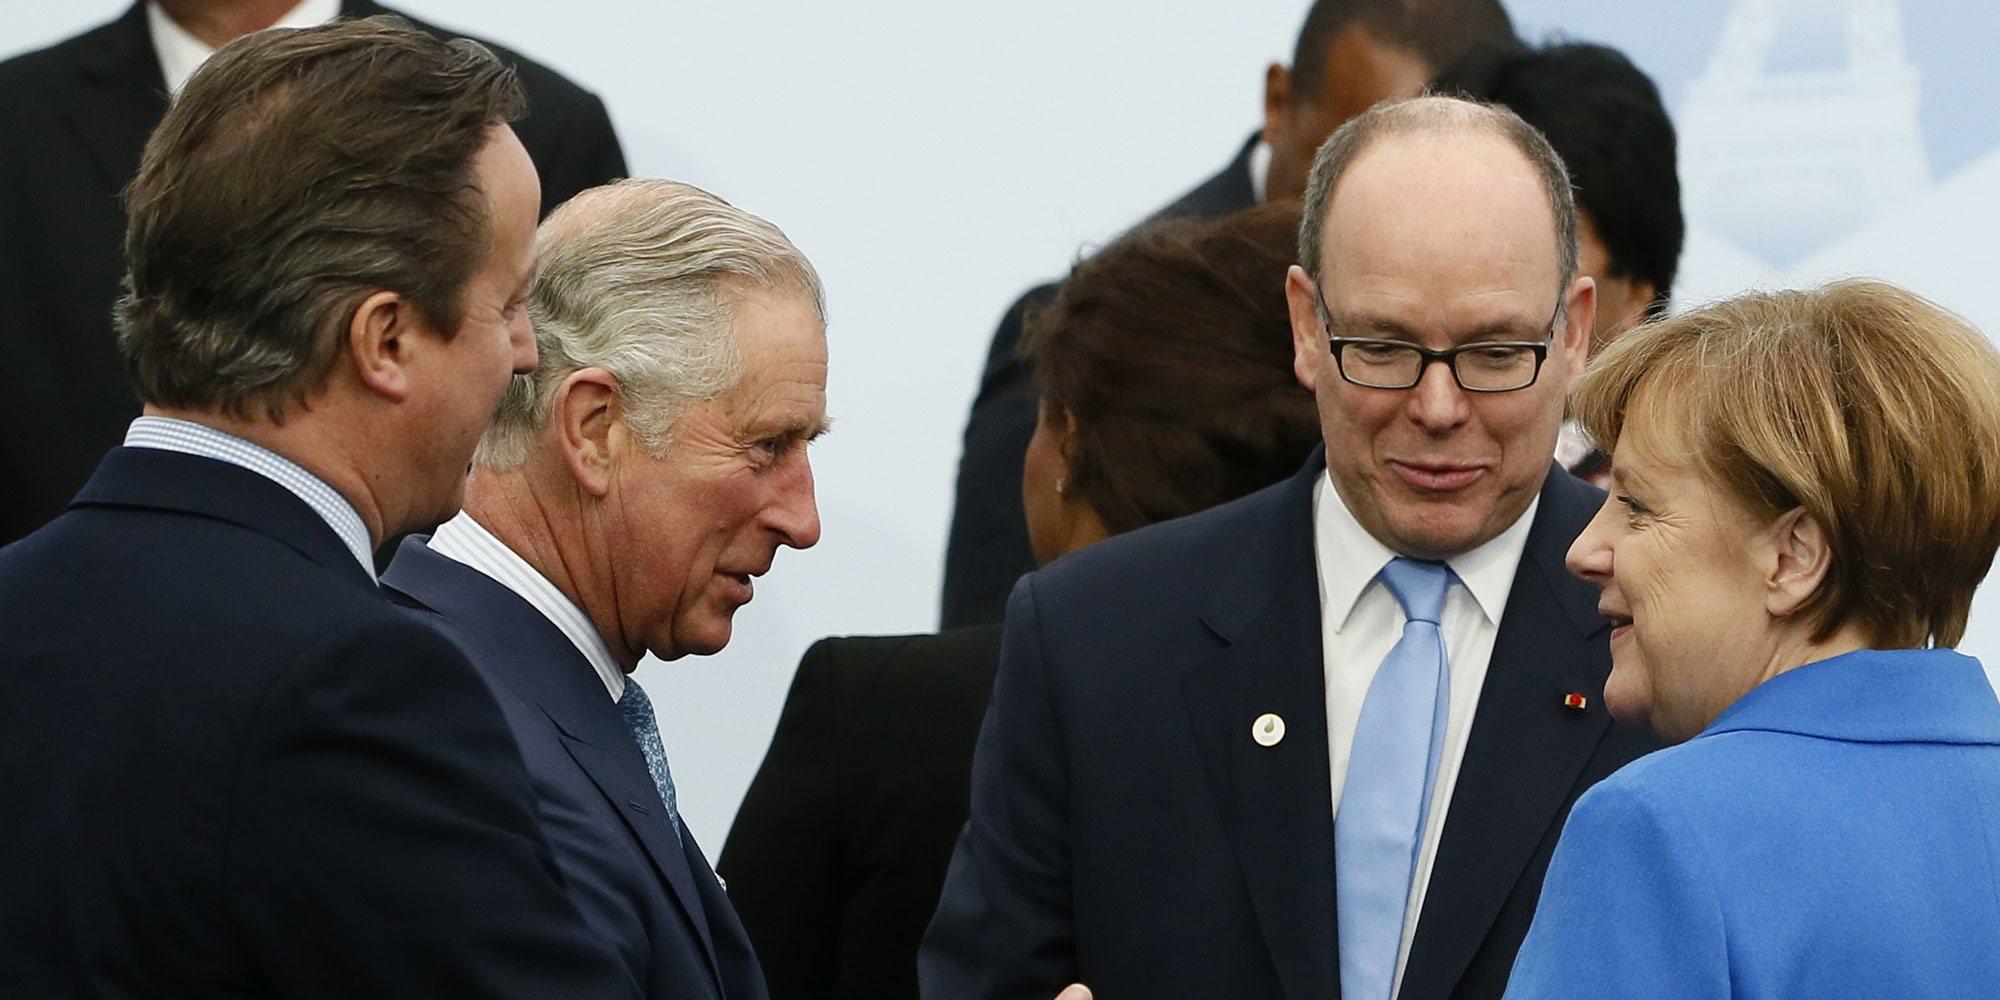 El Príncipe Carlos de Inglaterra estuvo muy cerca del Príncipe Alberto de Mónaco antes de dar positivo por coronavirus